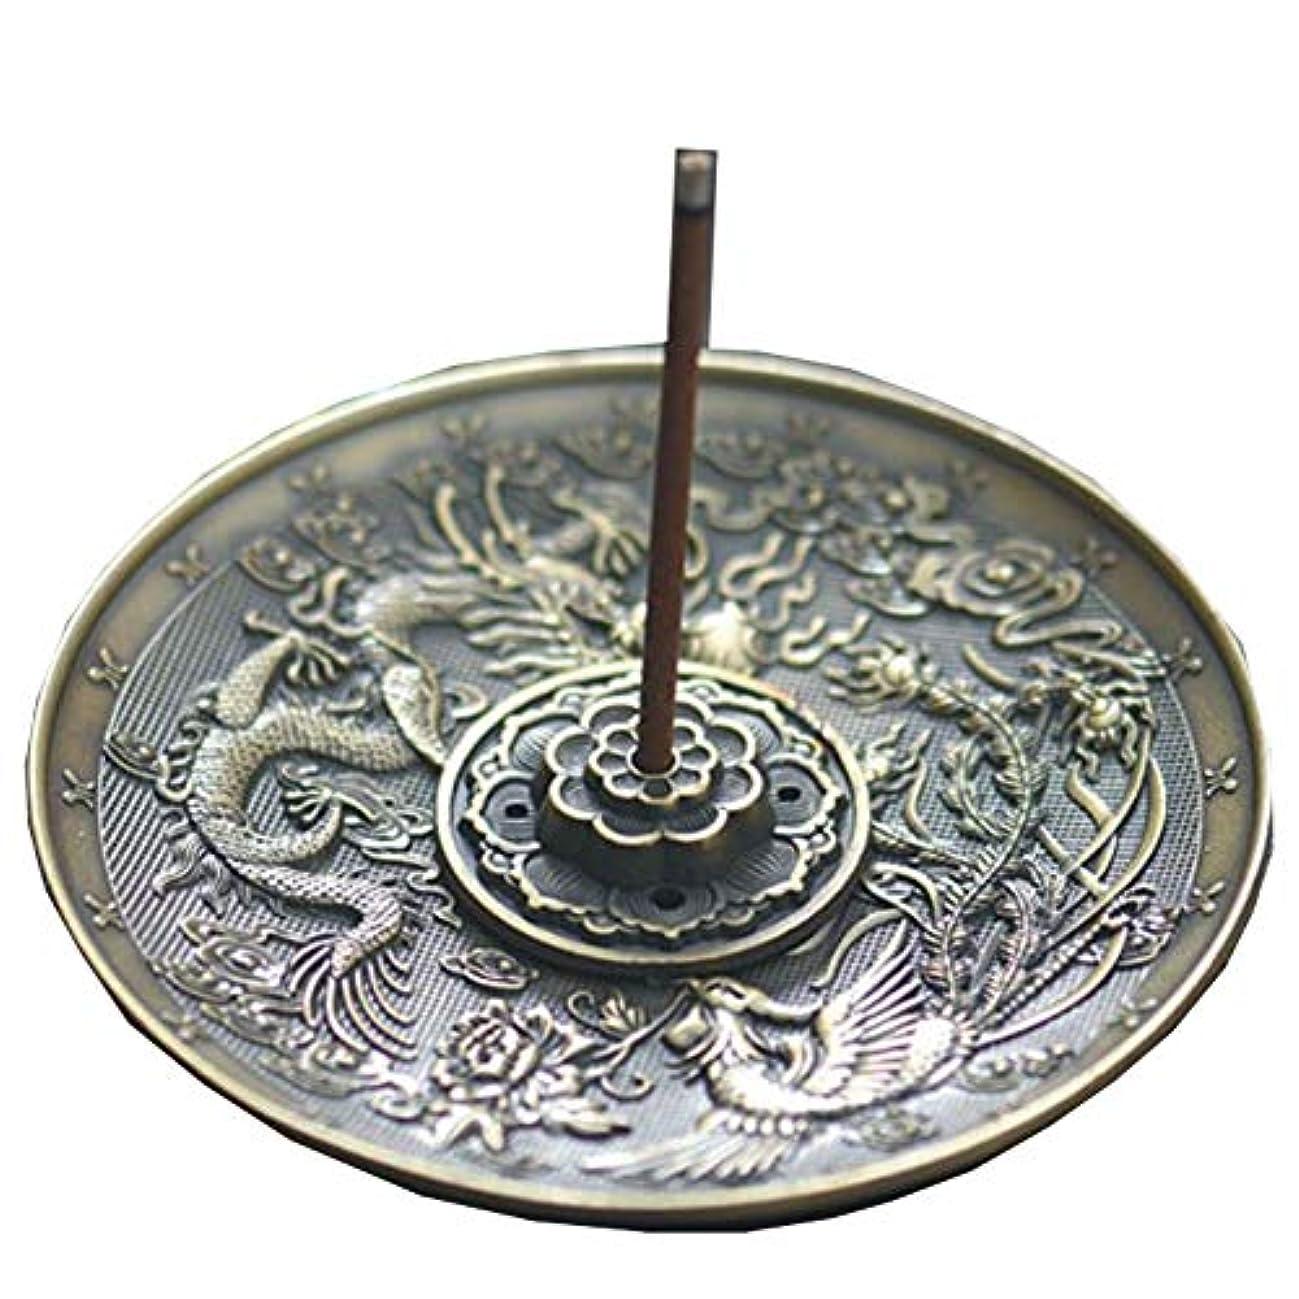 フォークミトン大きさ[RADISSY] お香立て 香炉 香皿 スティック 円錐 タイプ お香 スタンド 龍のデザイン (青銅色5穴)